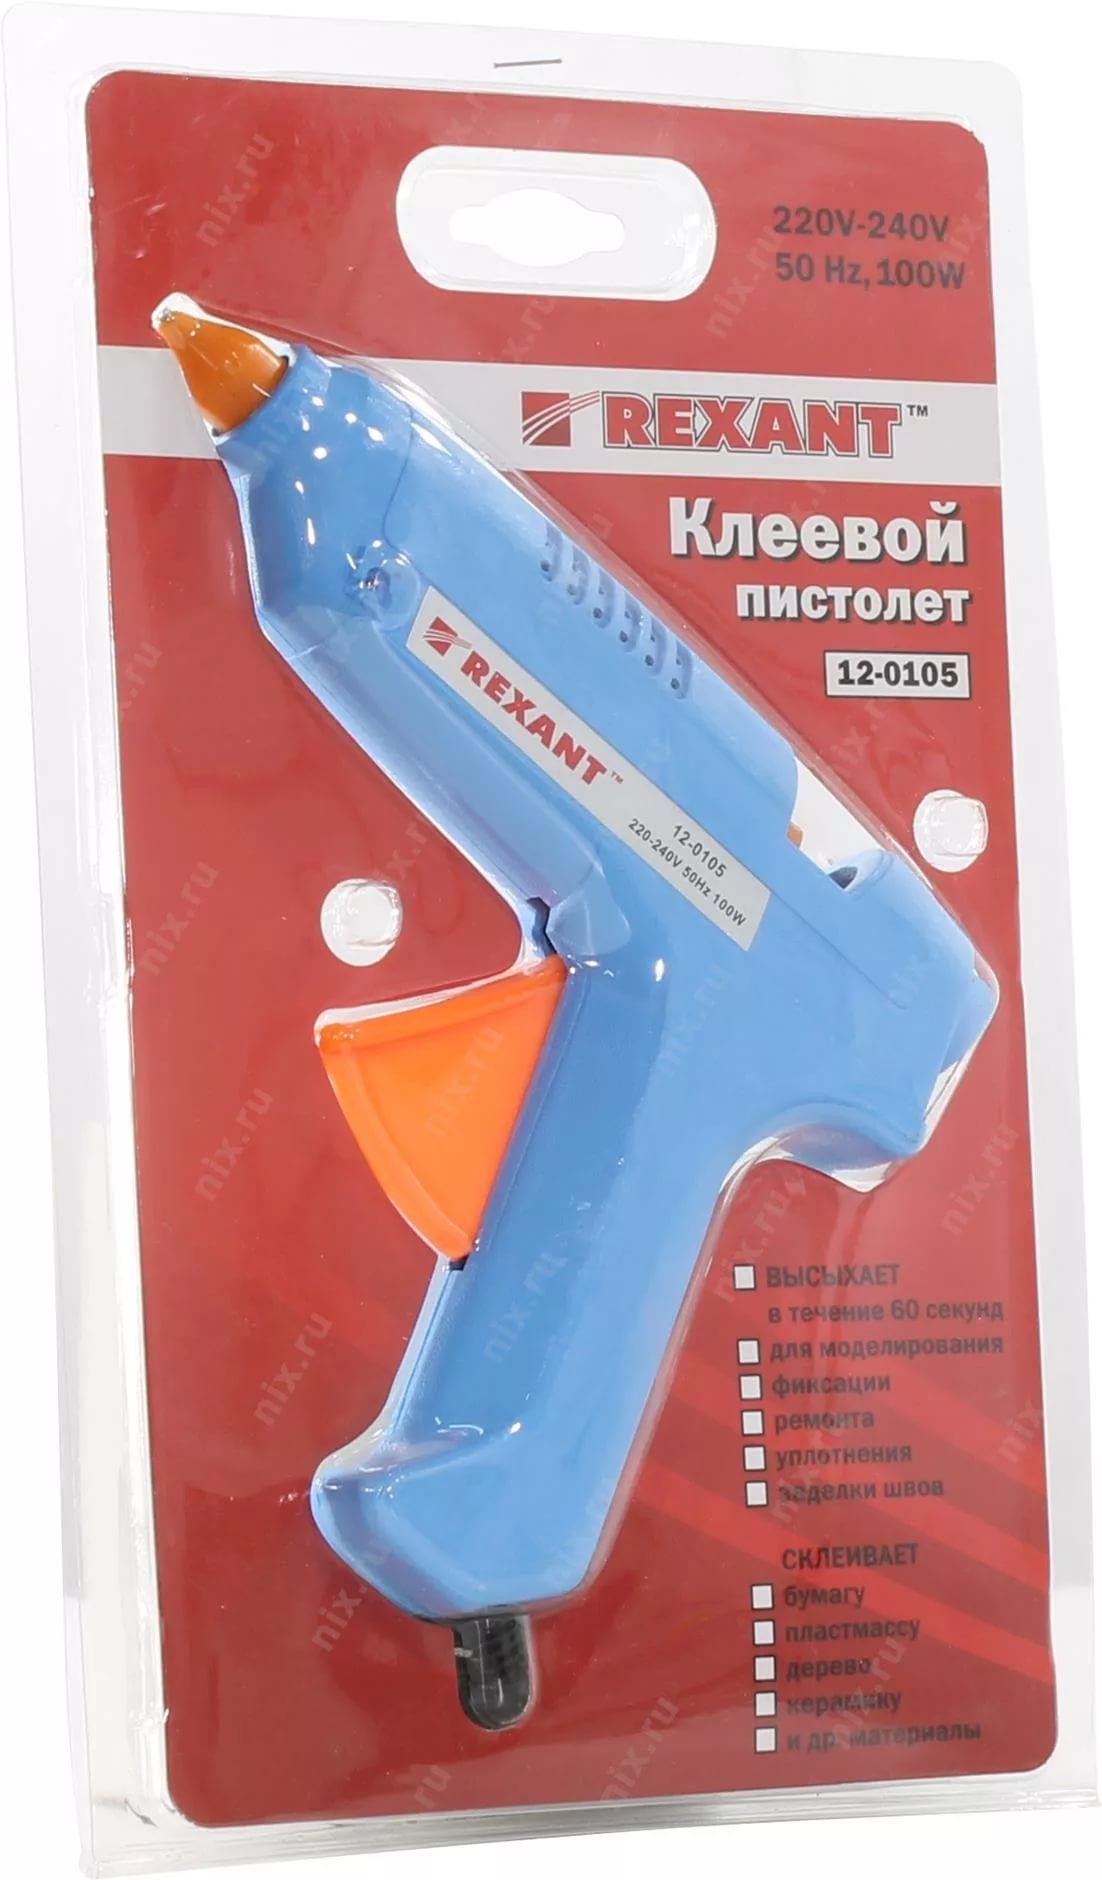 Пистолет термоклеевой 100Вт защита от вытекания клея 12-0105